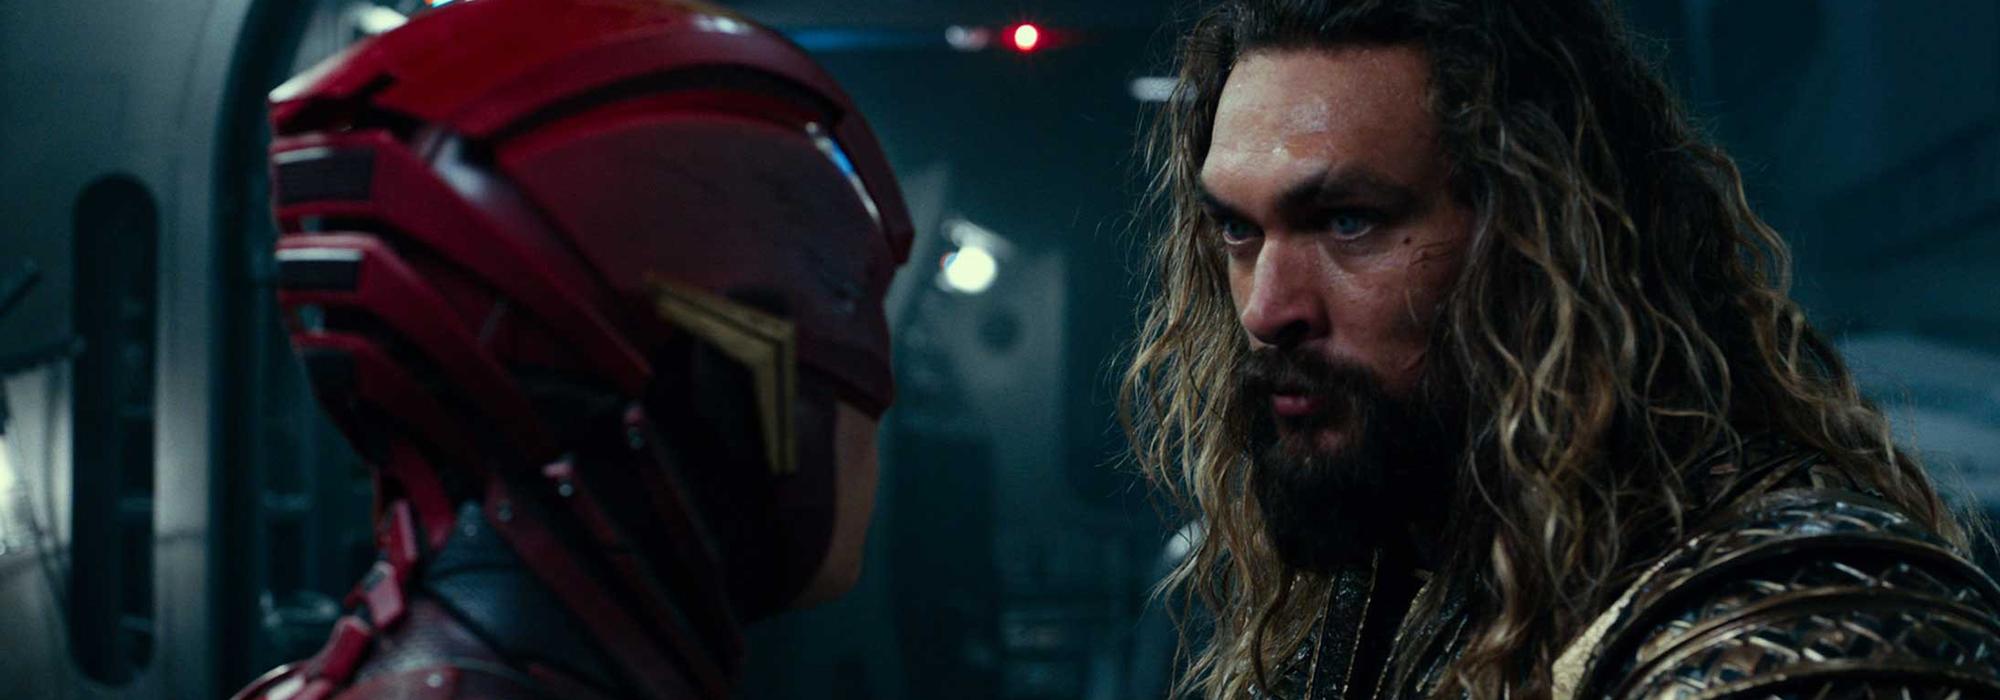 Flash et Aquaman dans Justice League